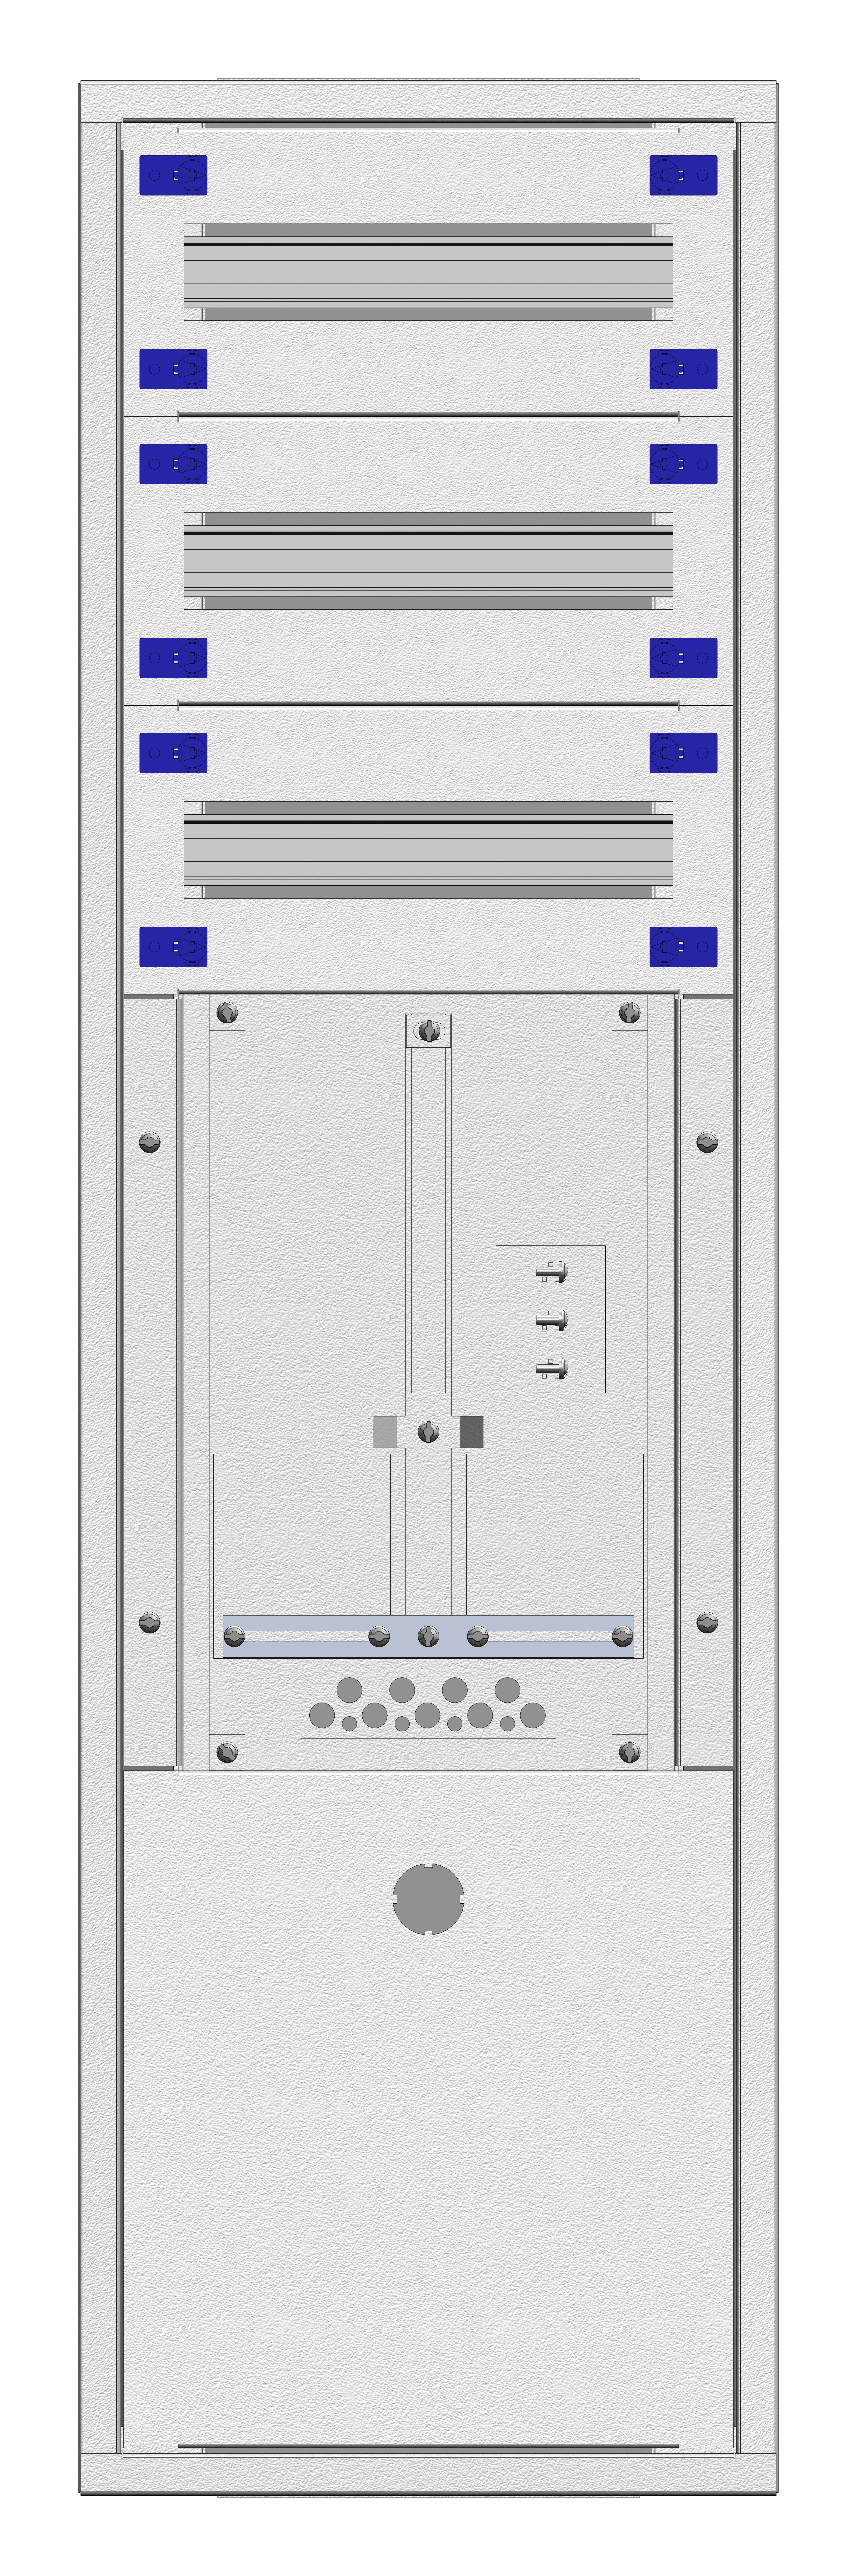 1 Stk Unterputz-Zählerverteiler 1U-24E/BGLD 1ZP, H1195B380T250mm IL164124BS